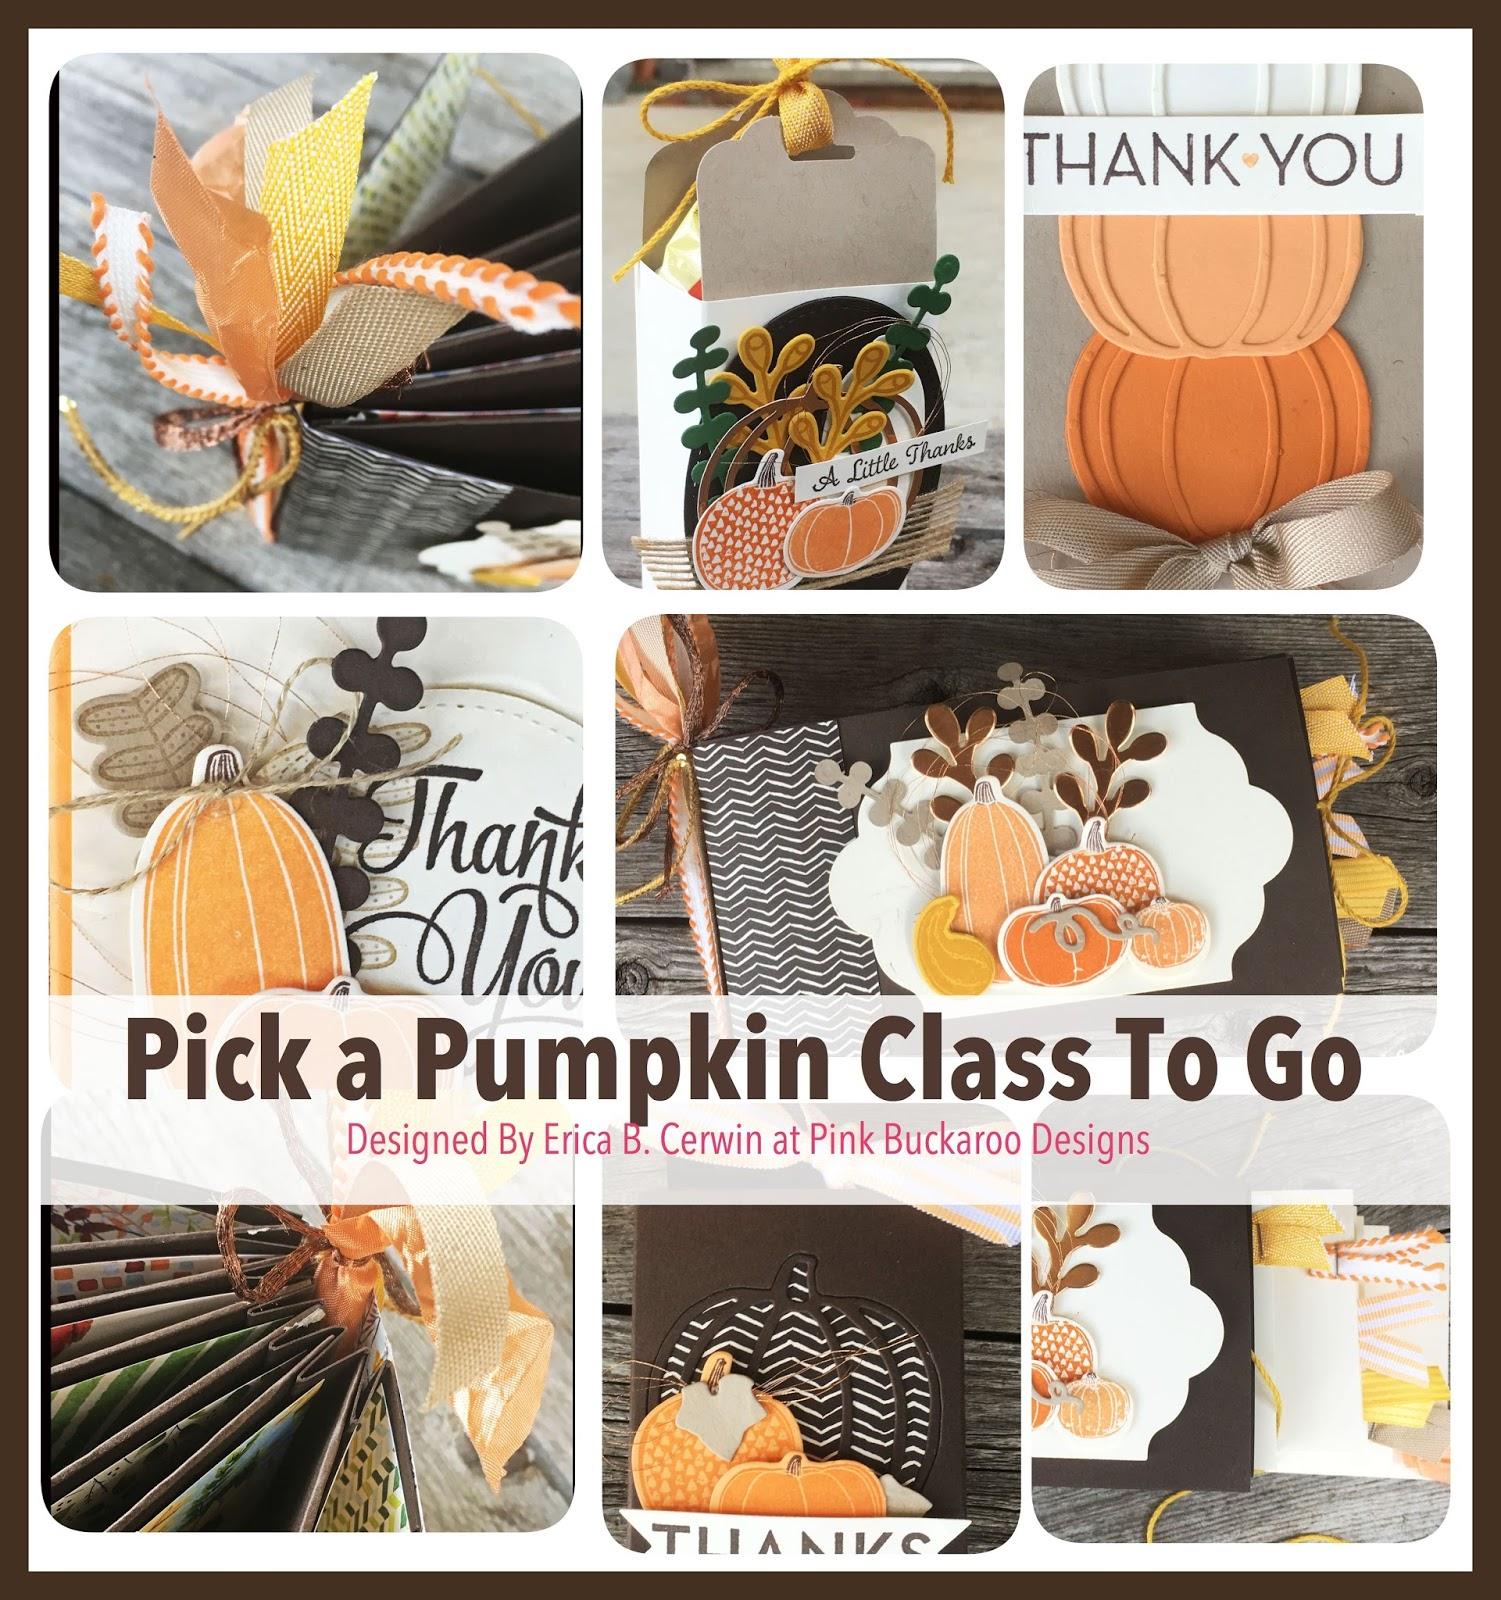 pink buckaroo designs pick a pumpkin class to go